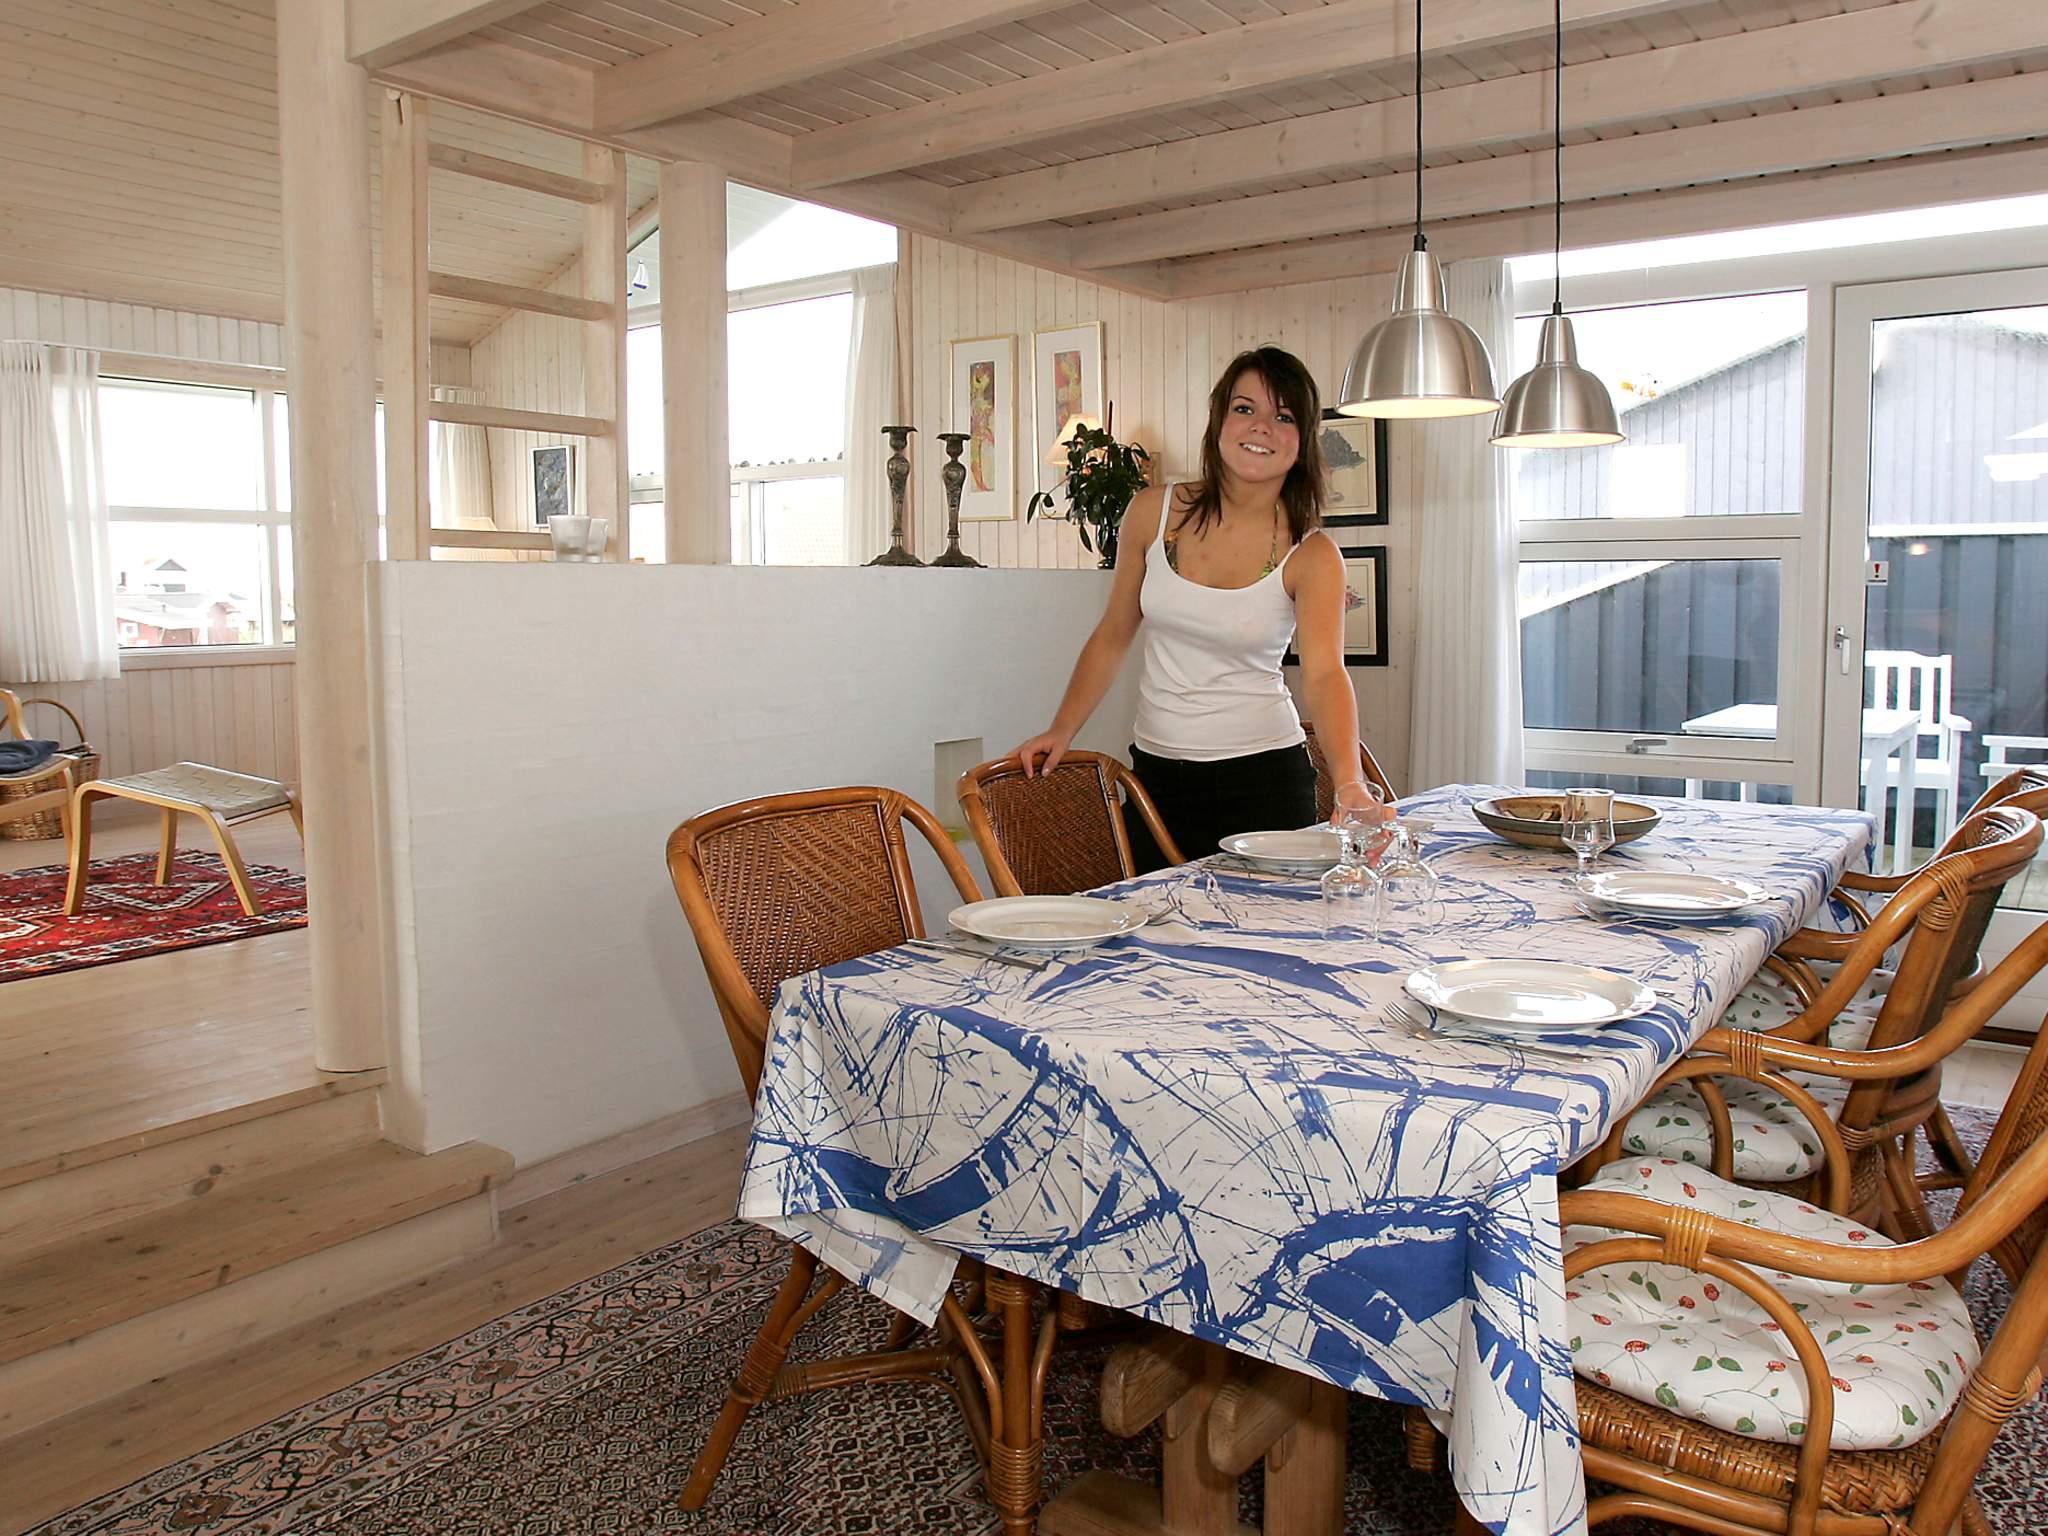 Ferienhaus Blokhus (83332), Blokhus, , Nordwestjütland, Dänemark, Bild 4